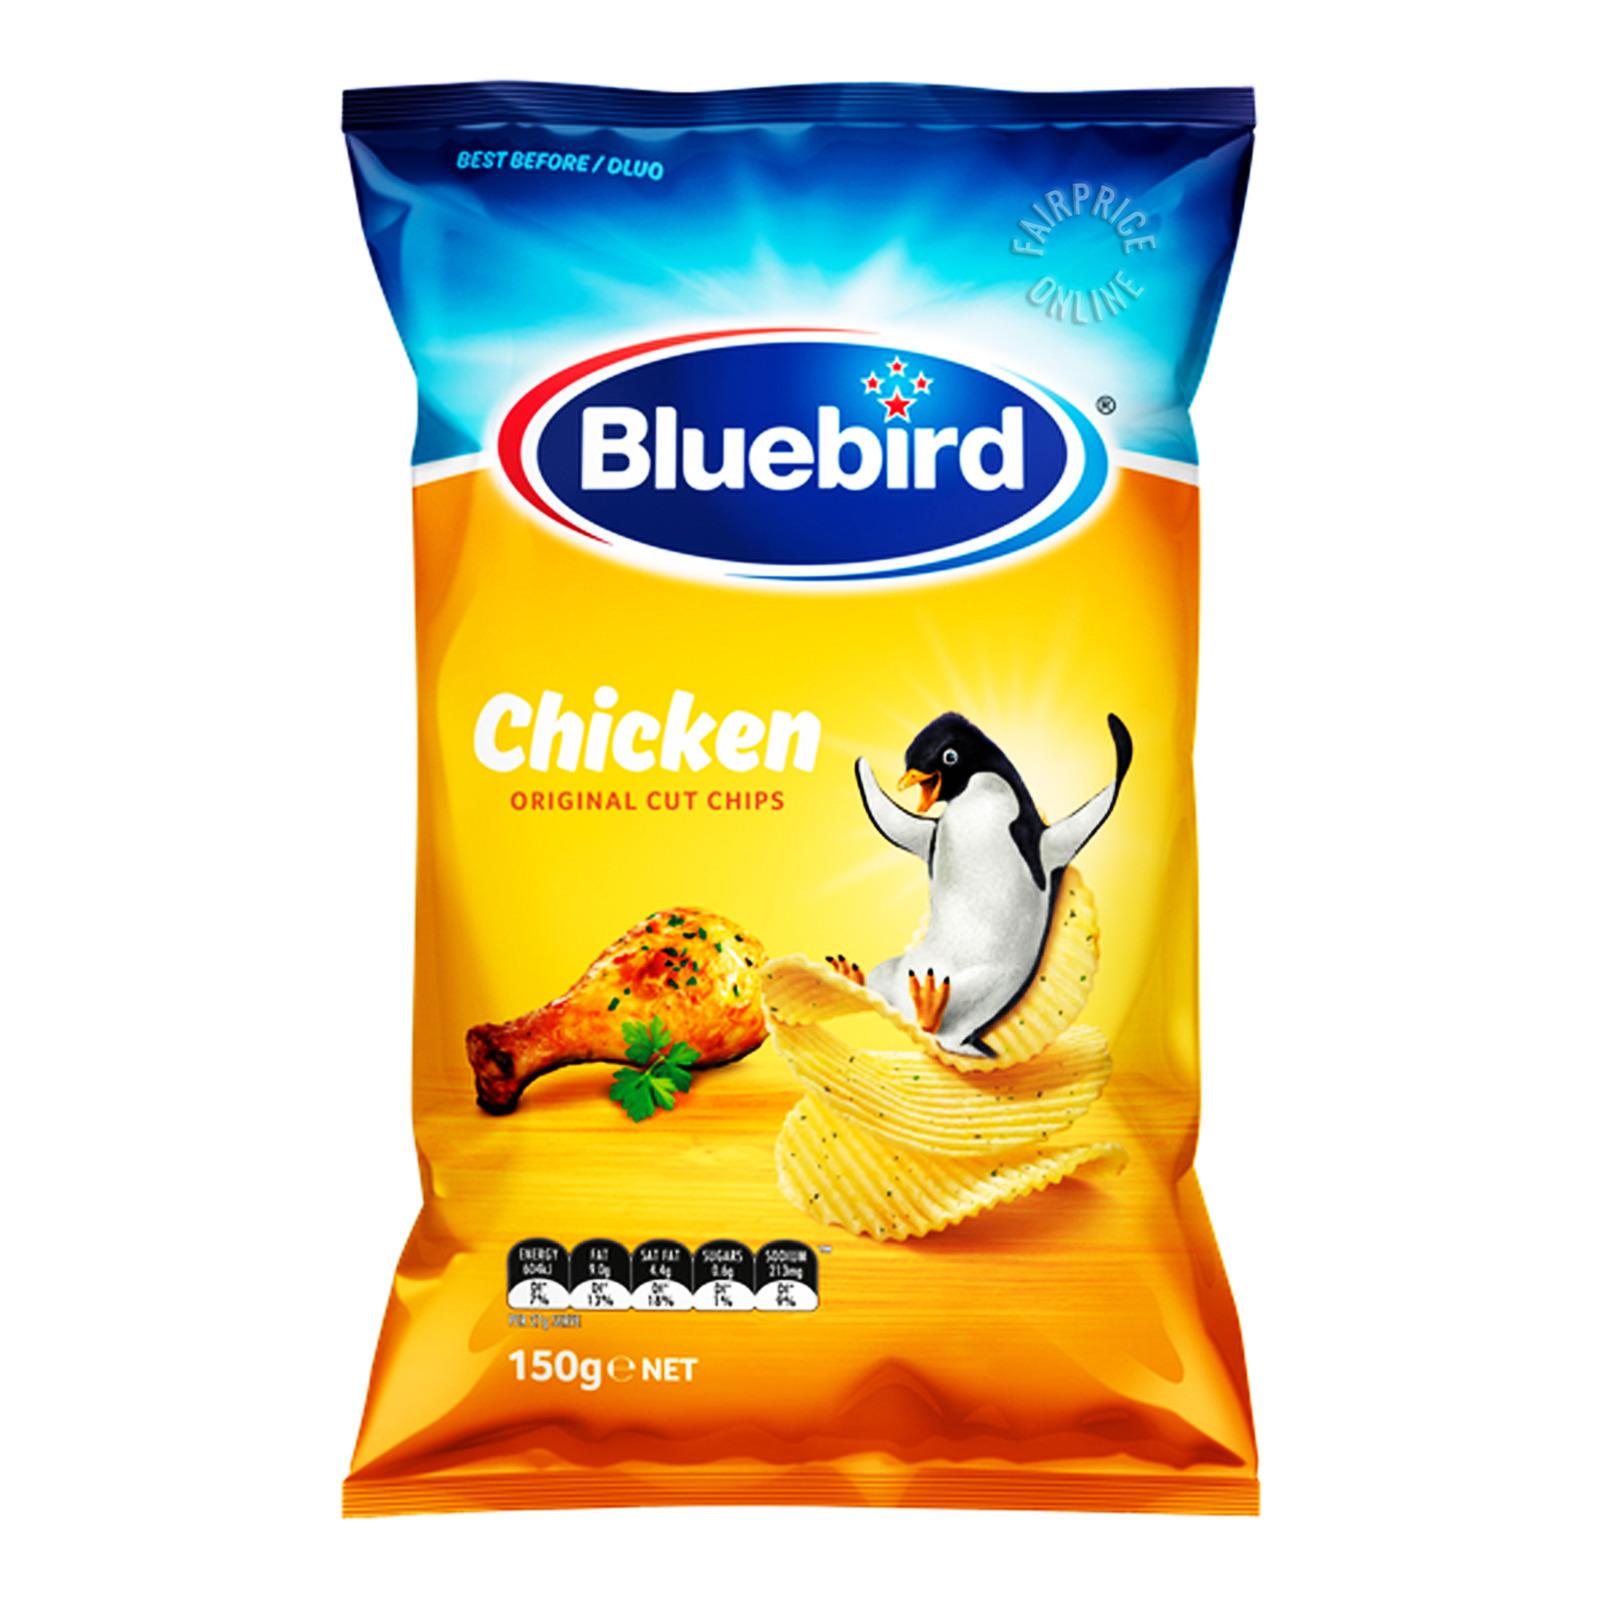 Bluebird Original Cut Chips - Chicken